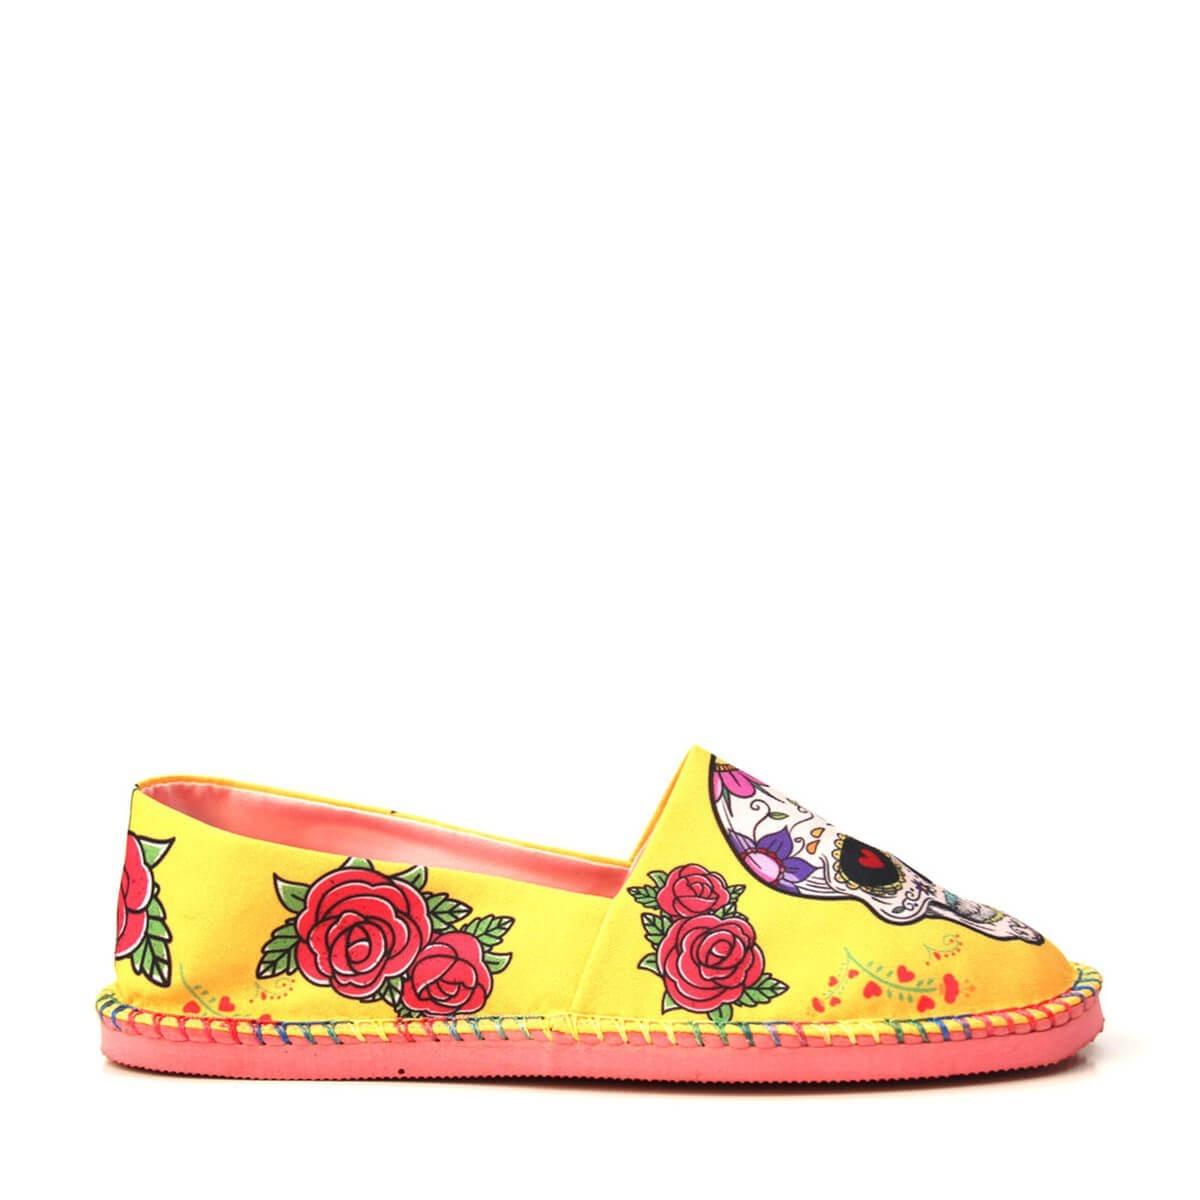 86c9e0986 Alpargata Fresh Caveira - Cup Shoes - R$ 89,90 em Mercado Livre